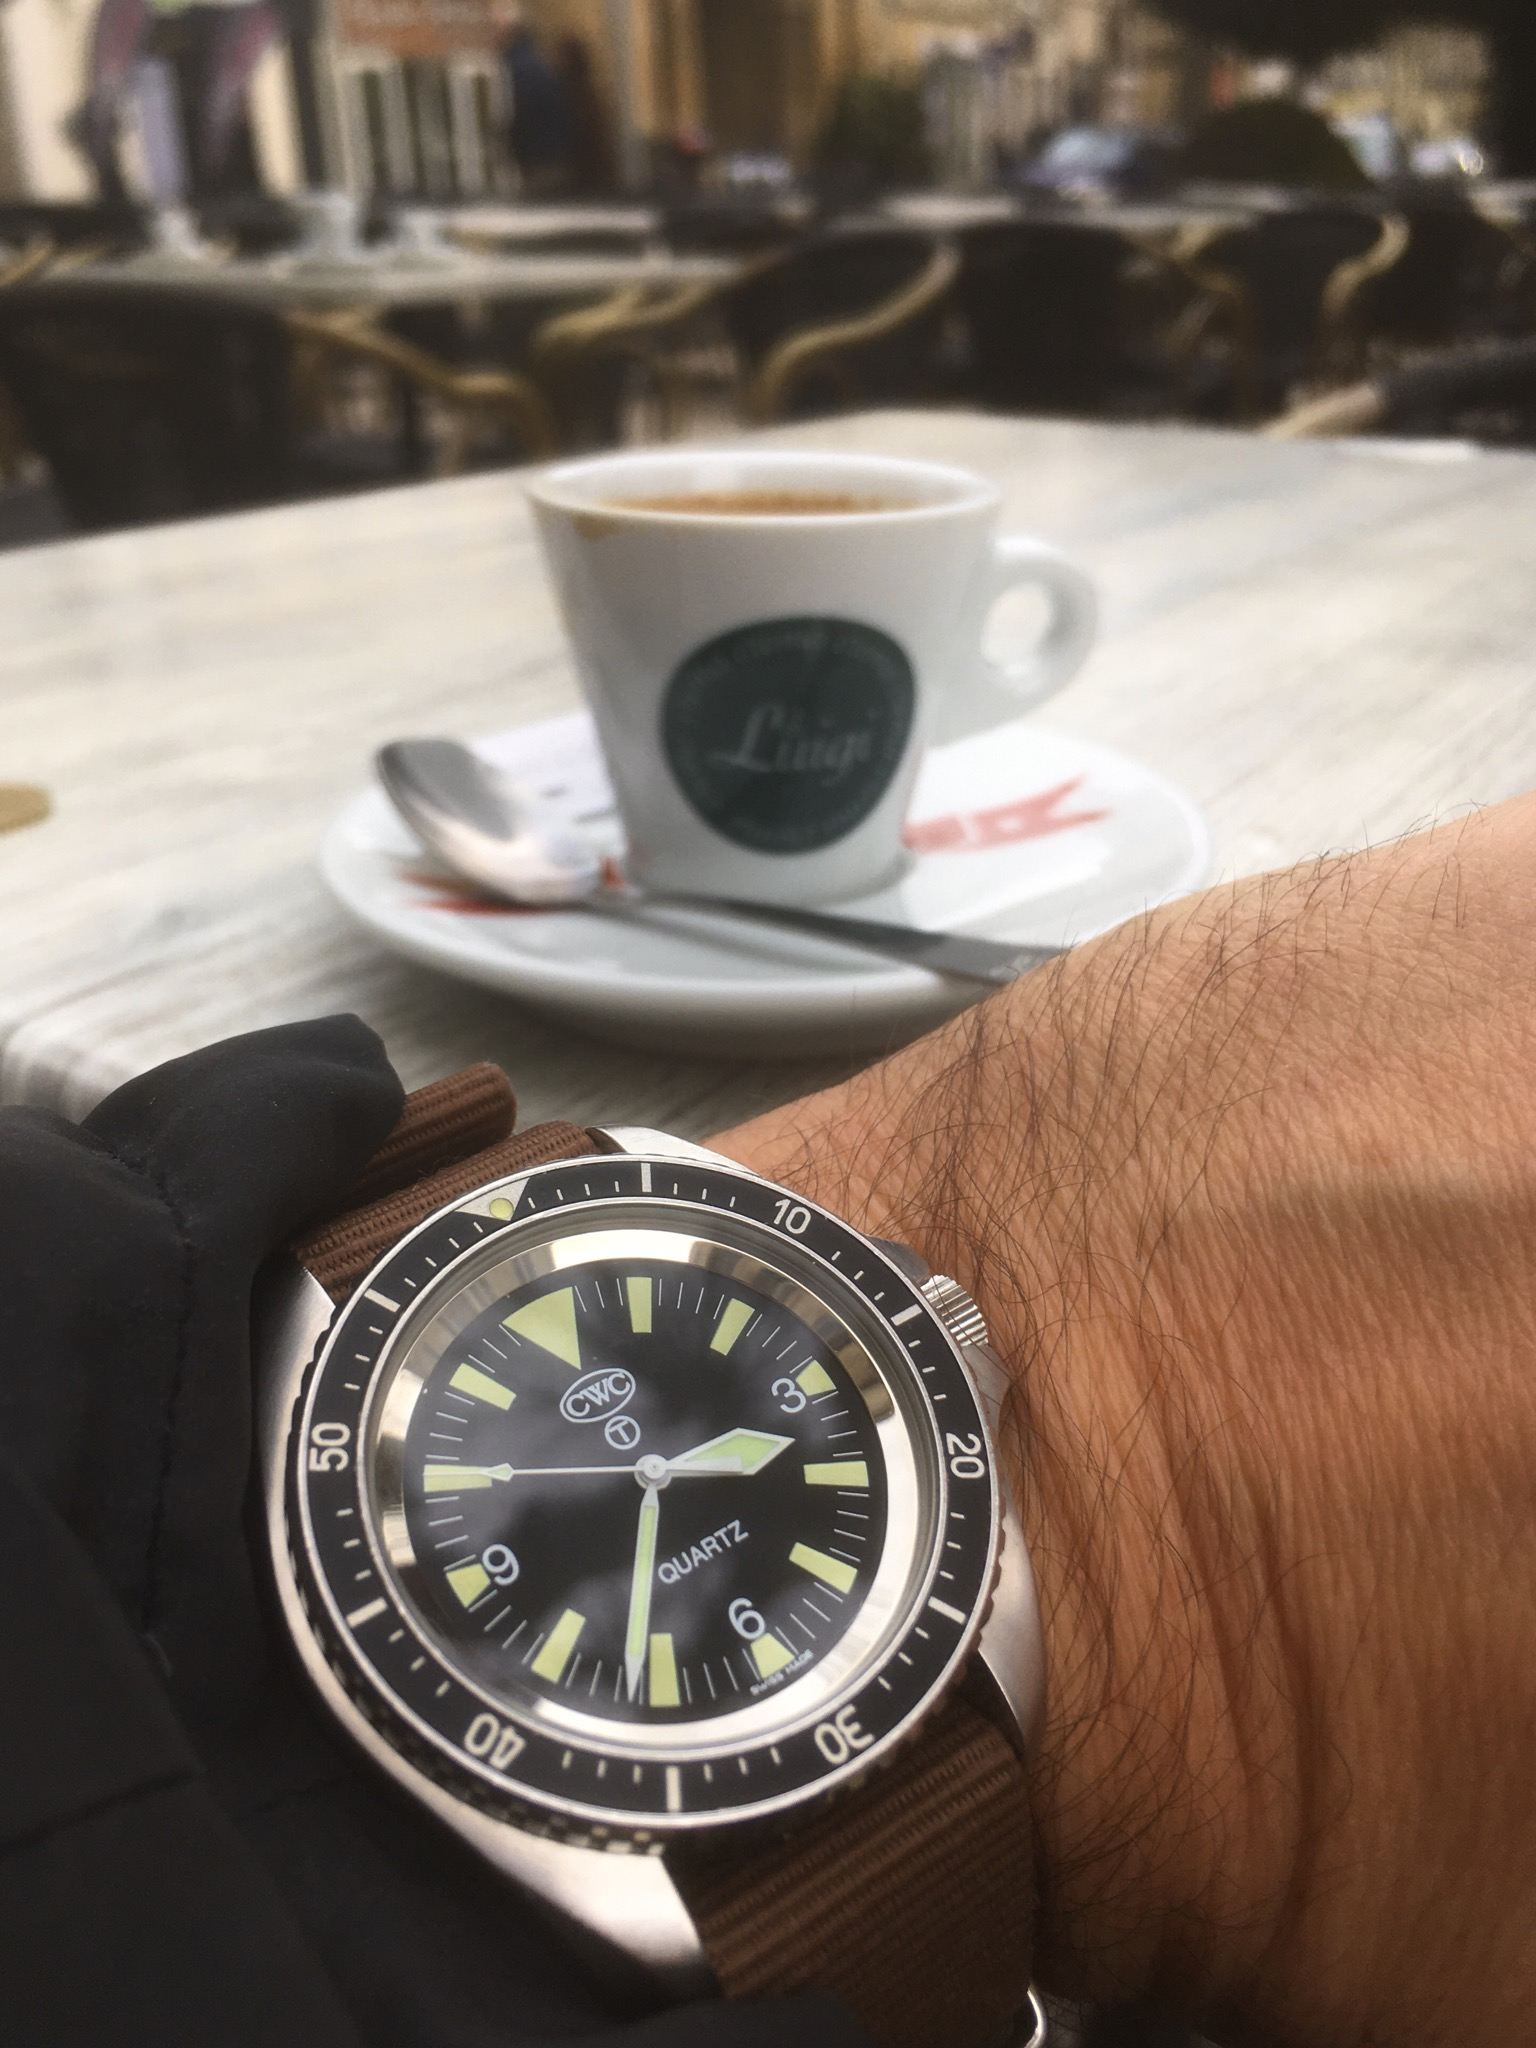 Pause café et montre (toutes marques) - tome III - Page 13 38d15c32-cefd-4470-a2b1-45c1dd9852af-jpeg